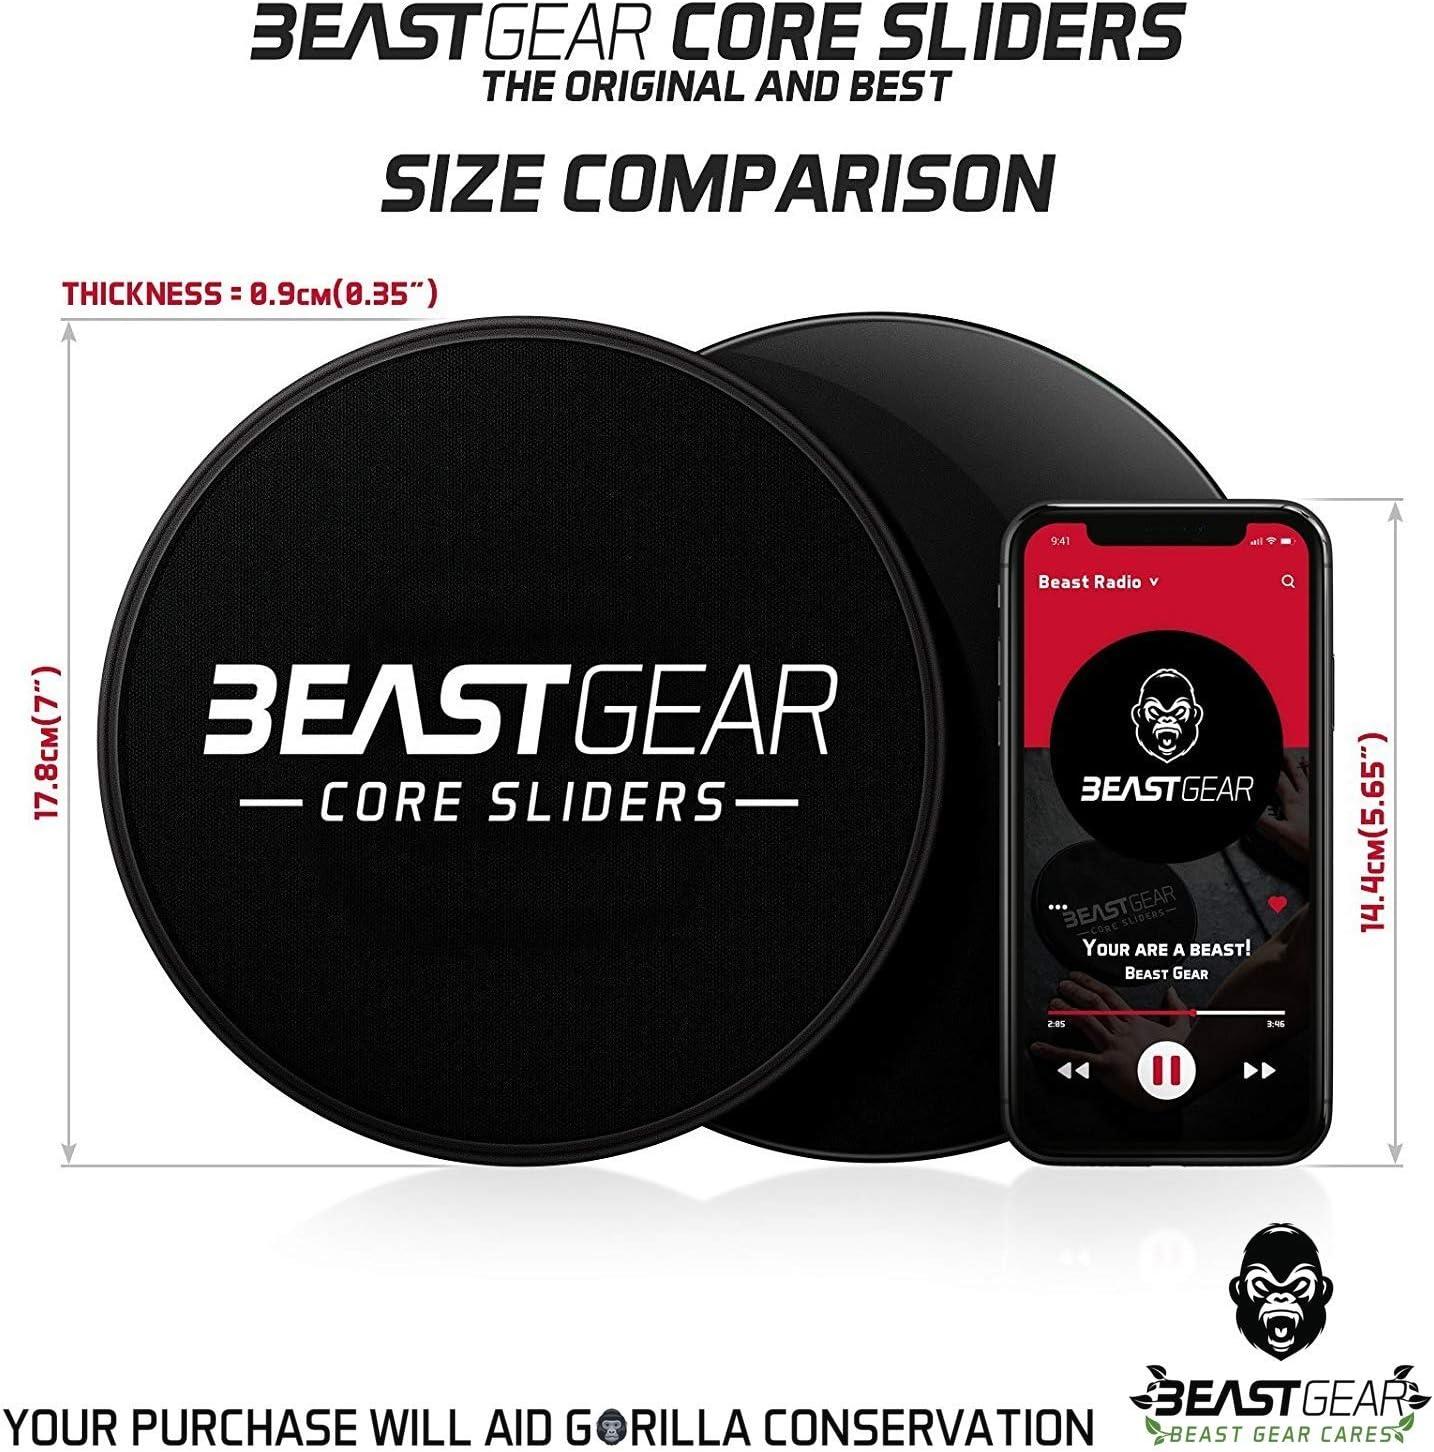 Dischi Scivolosi a Doppia Faccia per esercizi addominali Core Sliders della Beast Gear Tappeto e Pavimenti Duri